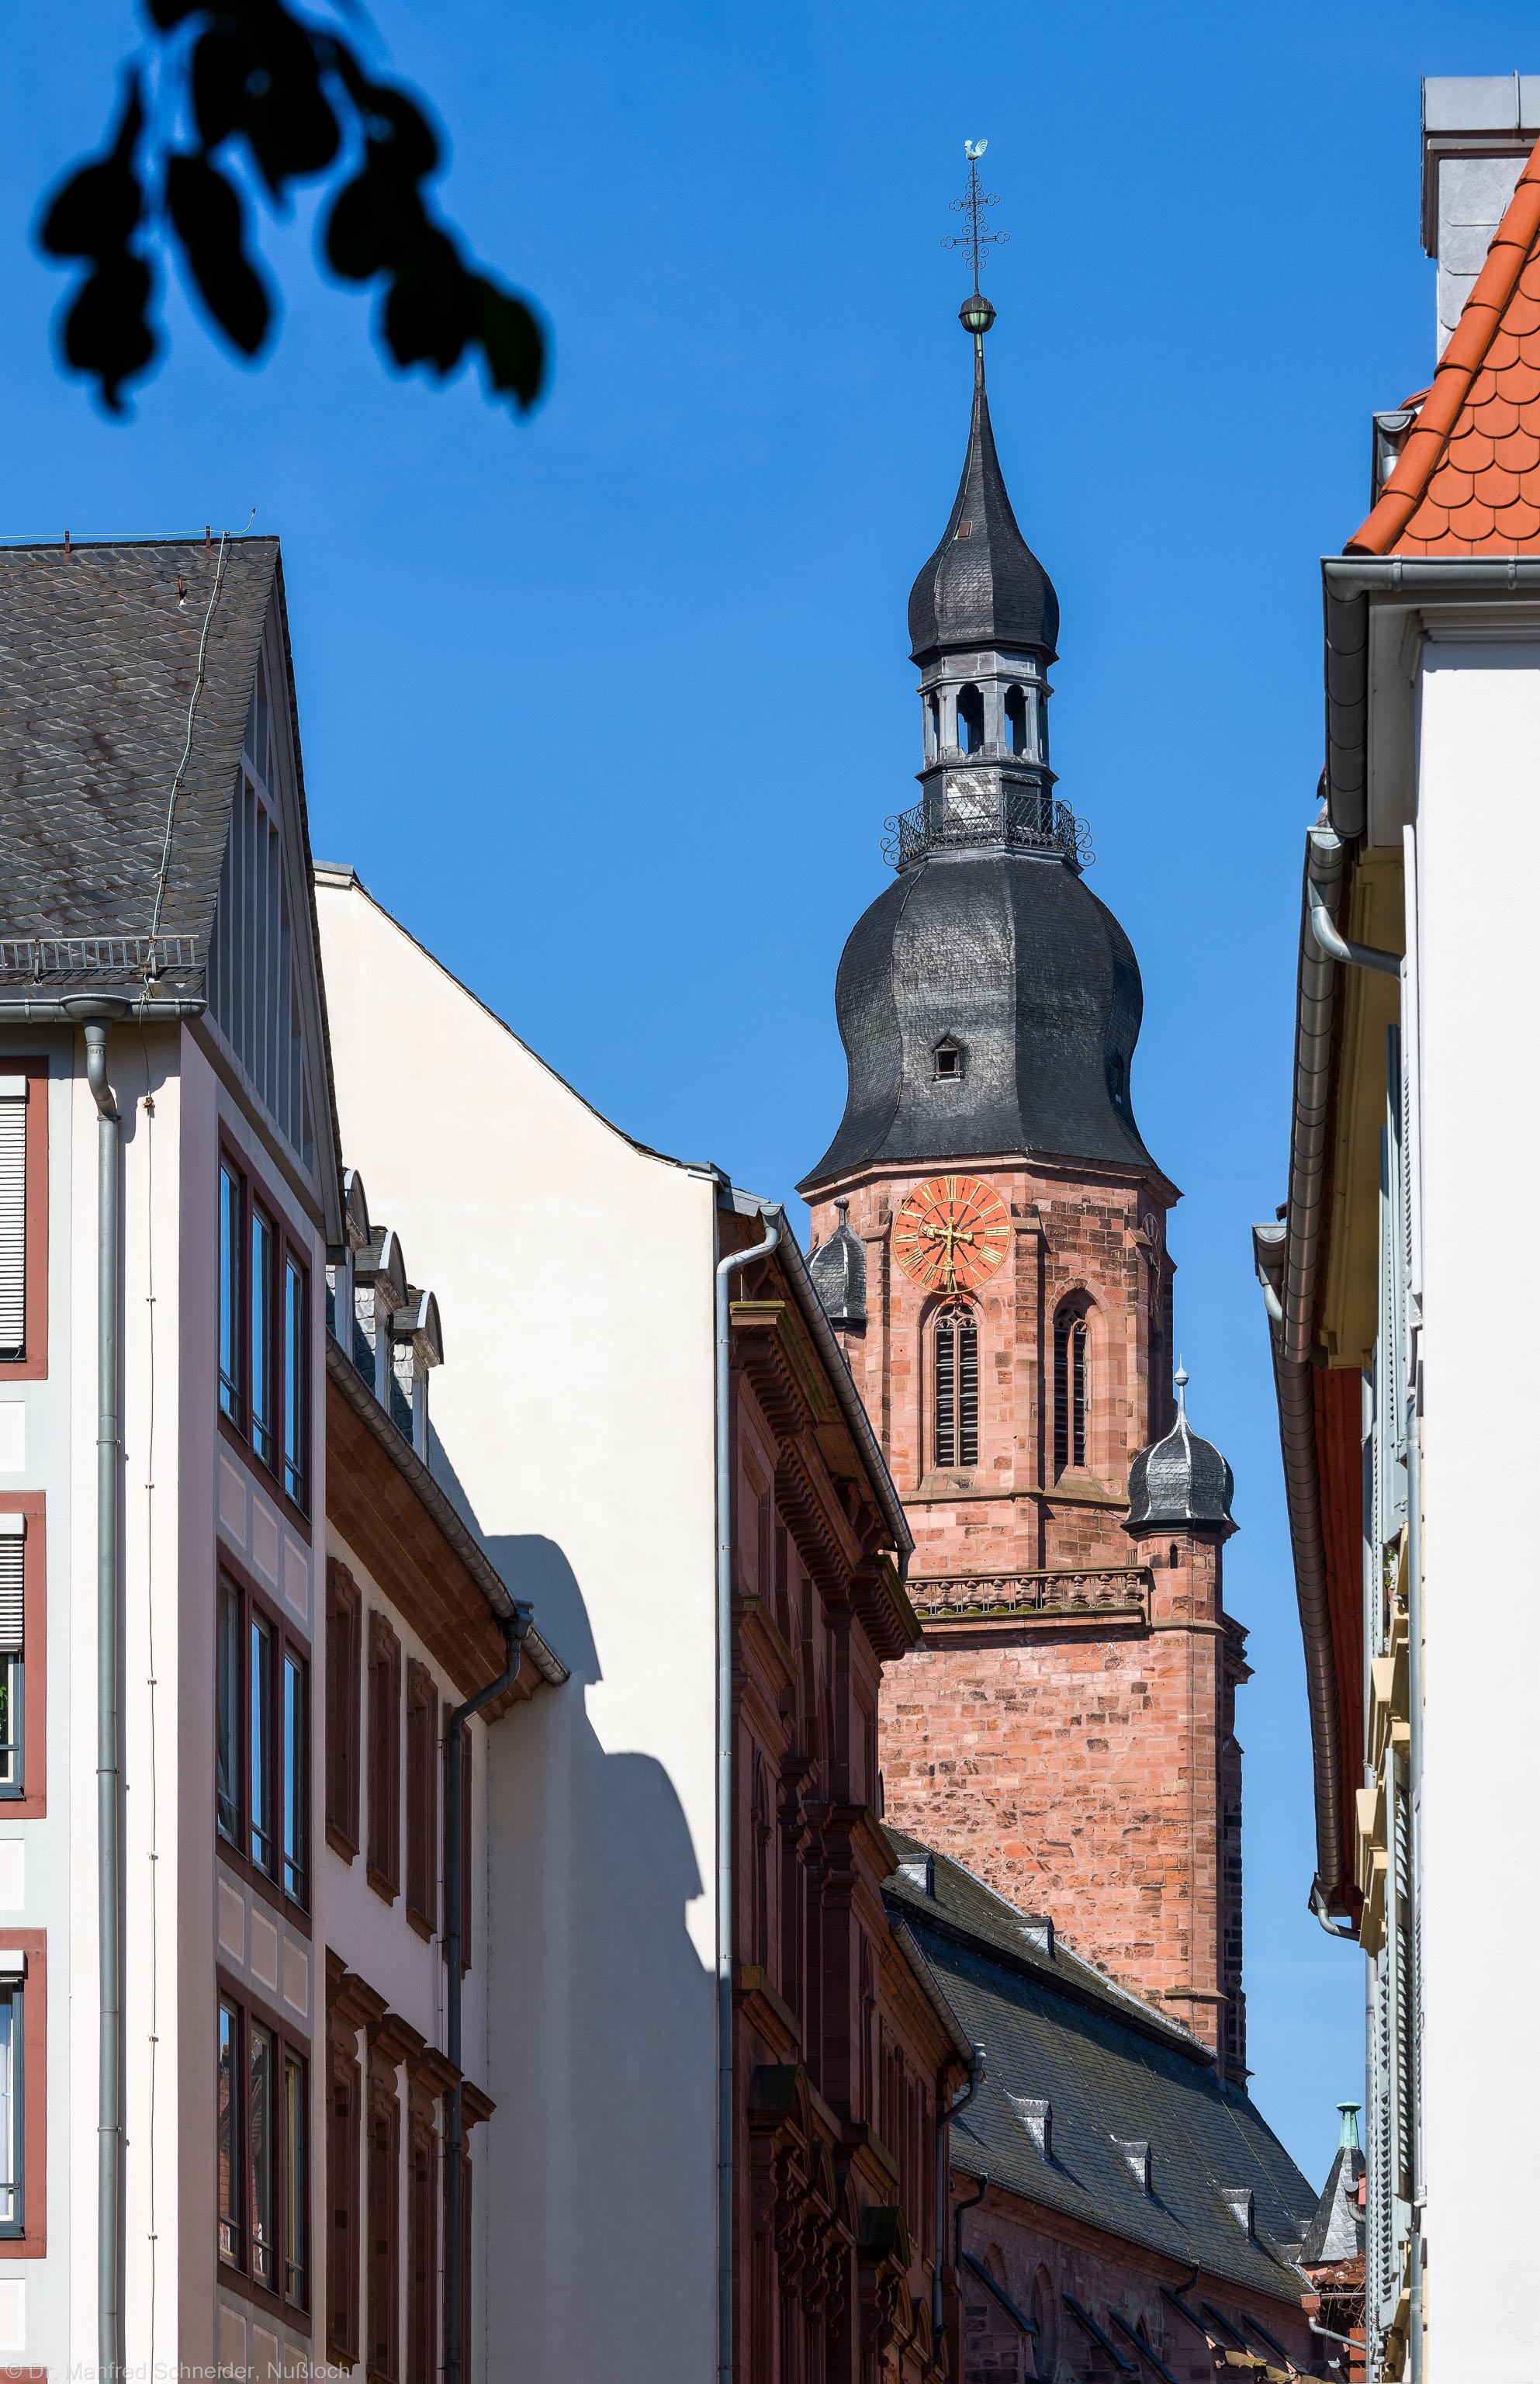 Heidelberg - Heiliggeistkirche - Ostseite - Blick von der Heiliggeiststraße nahe dem Schmitthennerhaus auf den Turm (aufgenommen im Juli 2013, am Vormittag)